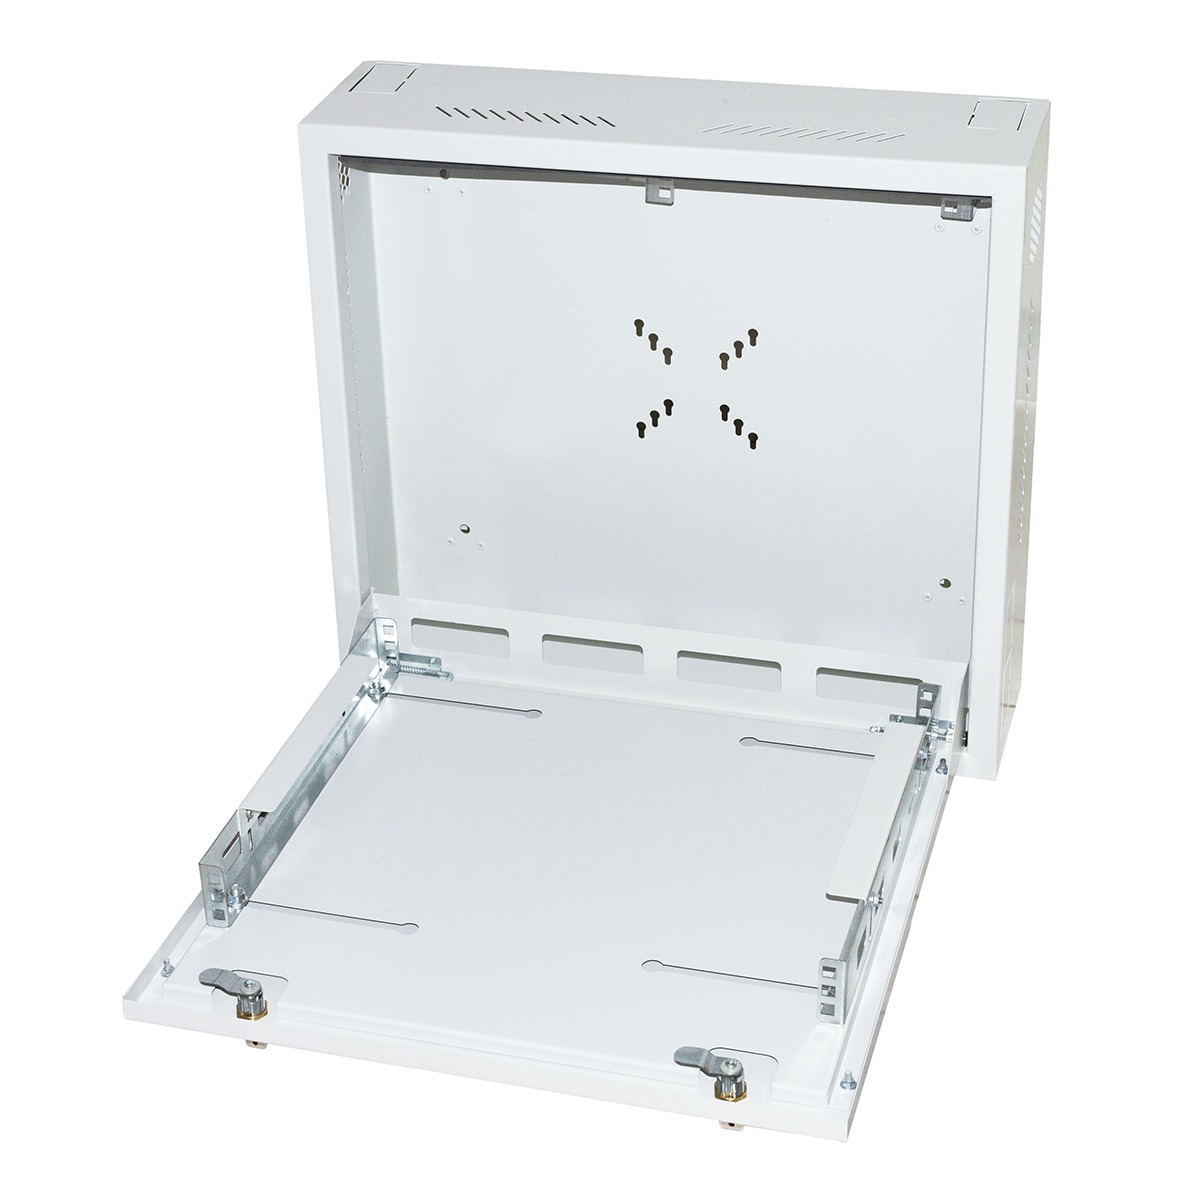 Box a muro dvr/nvr 2 serrature con ripiano apribile e bloccaggi regolabili, attacco vesa per monitor incluso